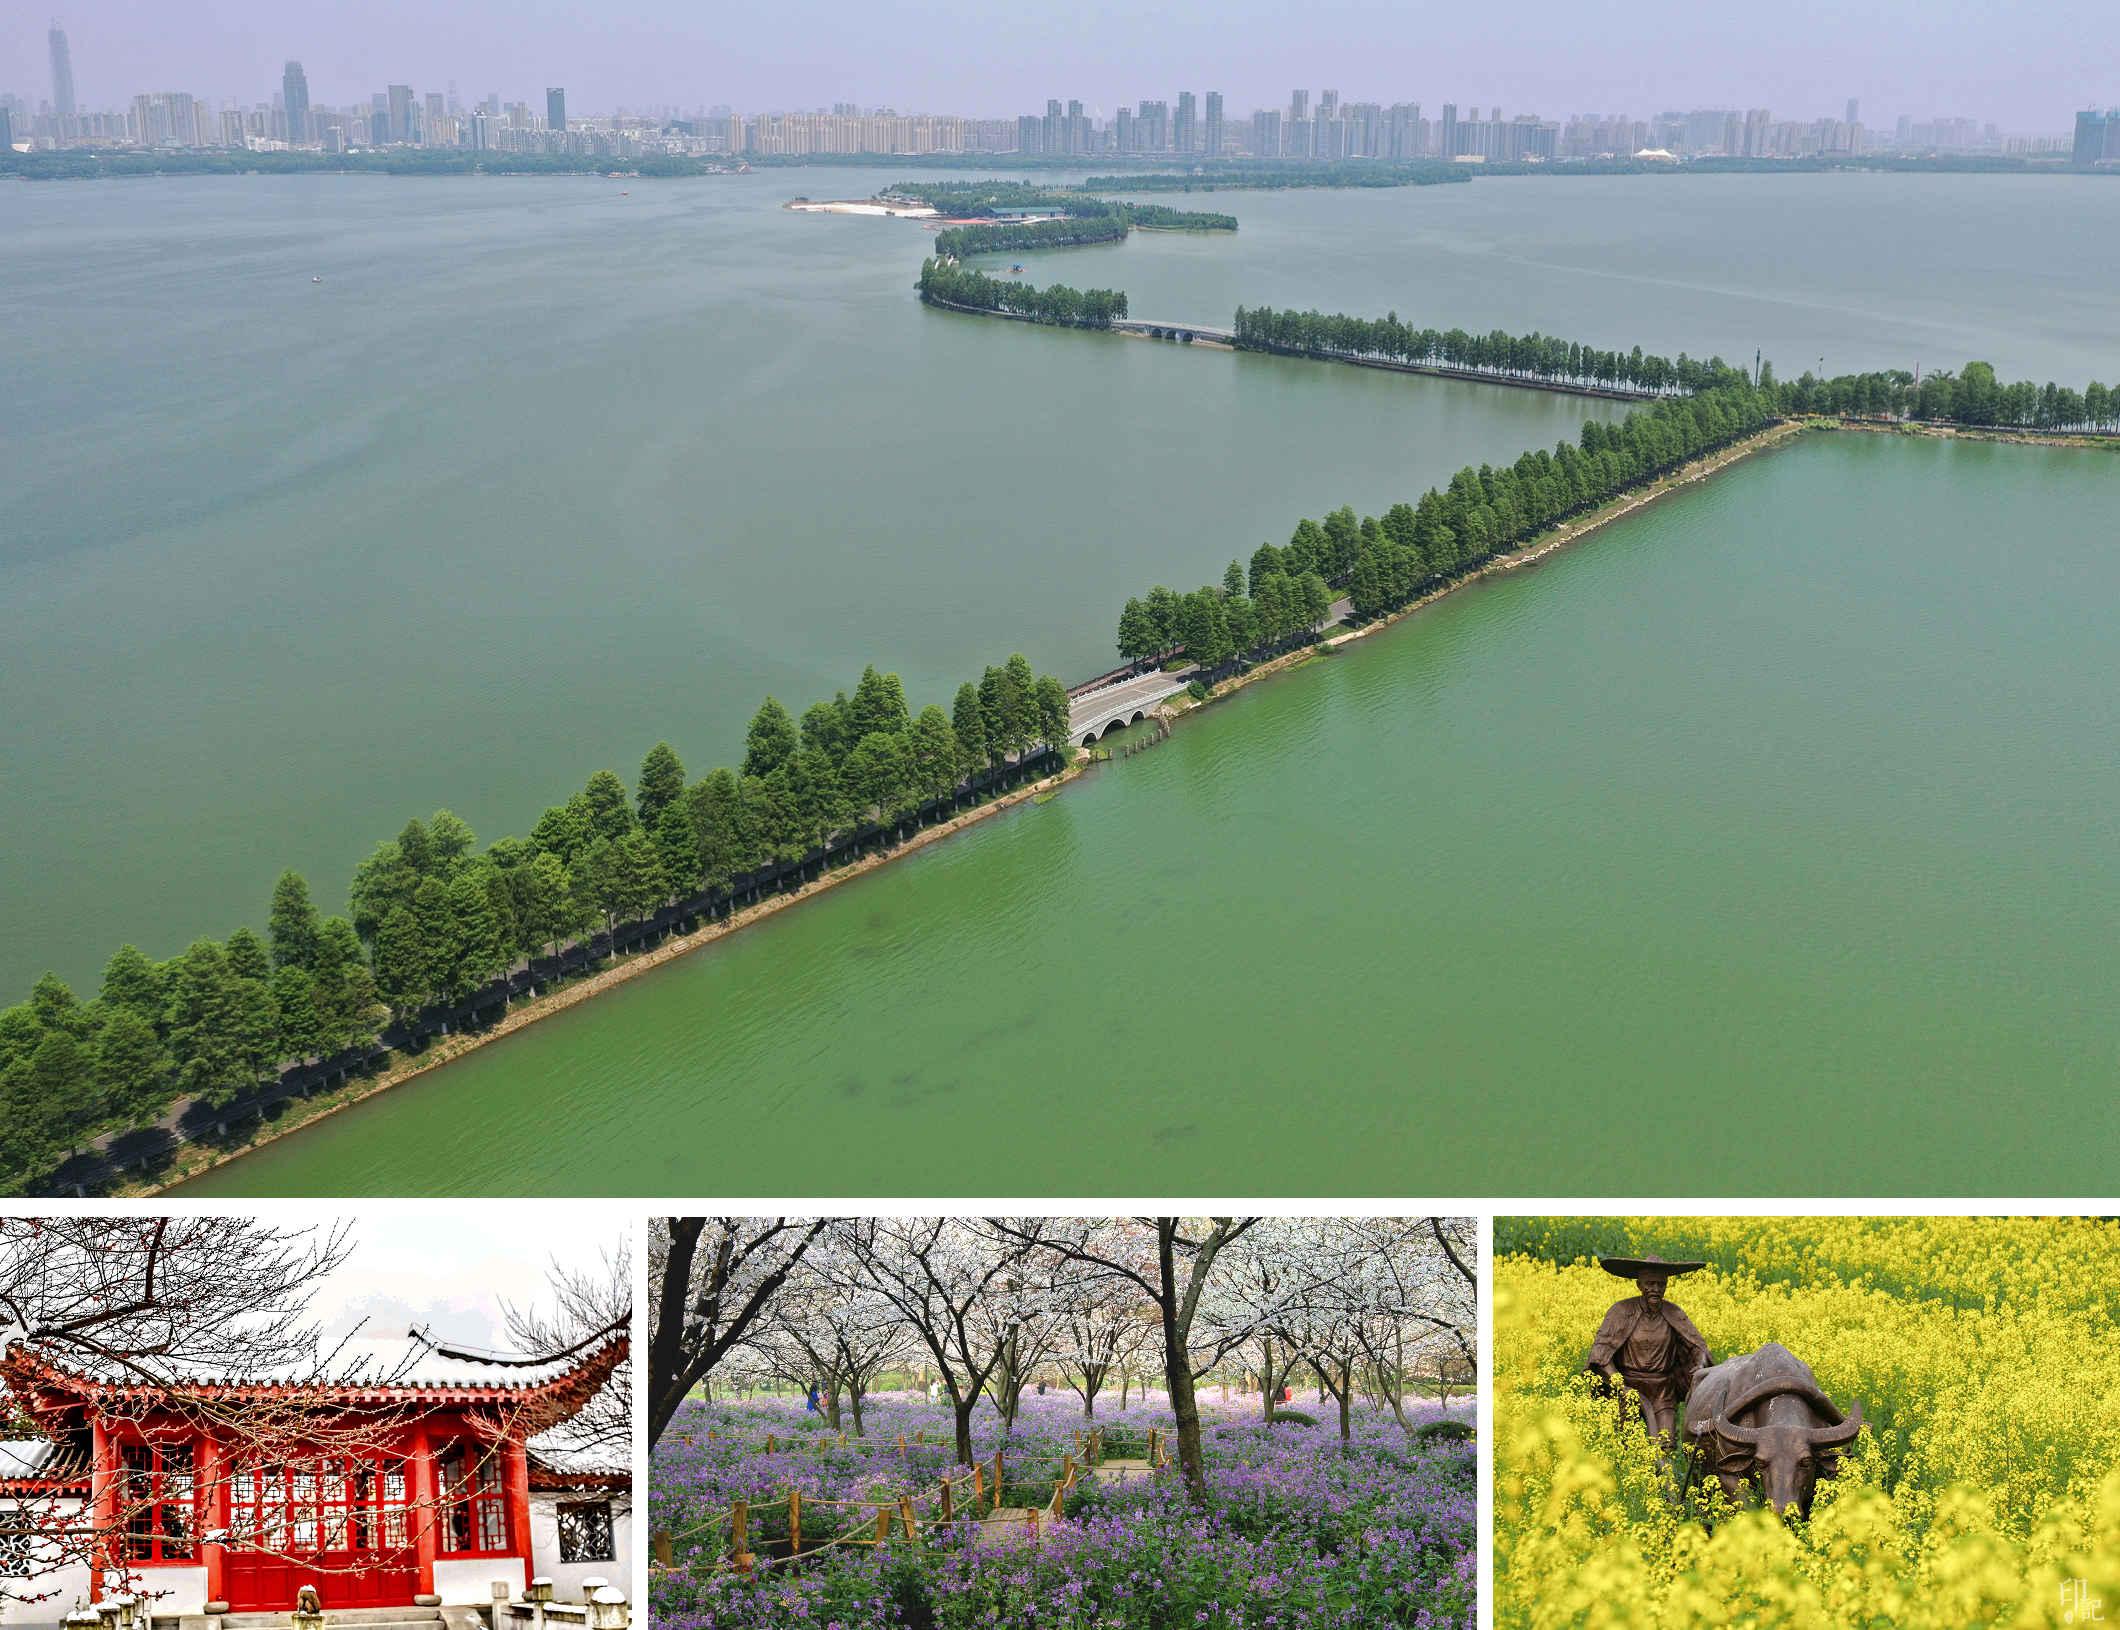 往年,東湖春花陸續開放,湖畔即見賞花遊人如織。